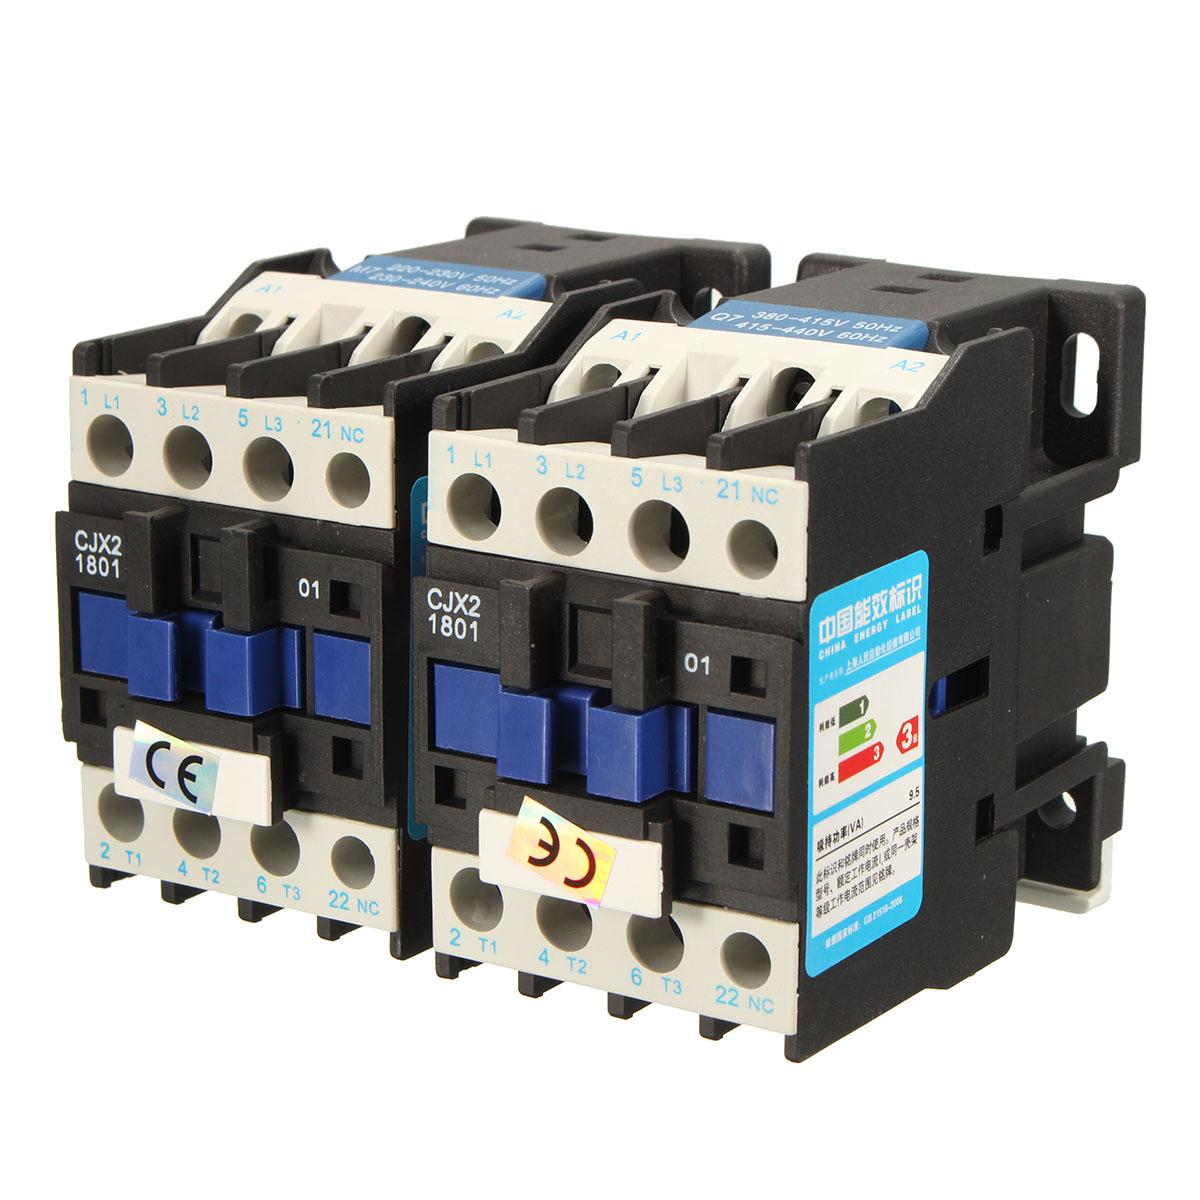 CJX2-1801 AC 220V/380V 18A Contactor Motor Starter Rela